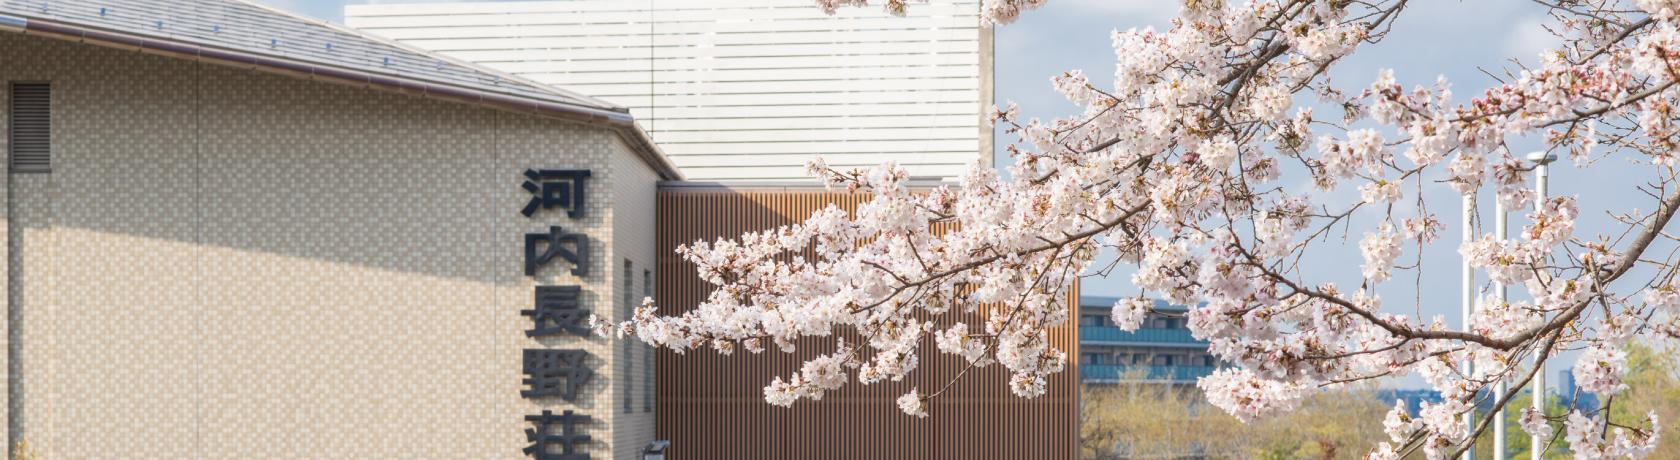 大阪の天然温泉宿、旅館なら「旅憩いの宿 河内長野荘」